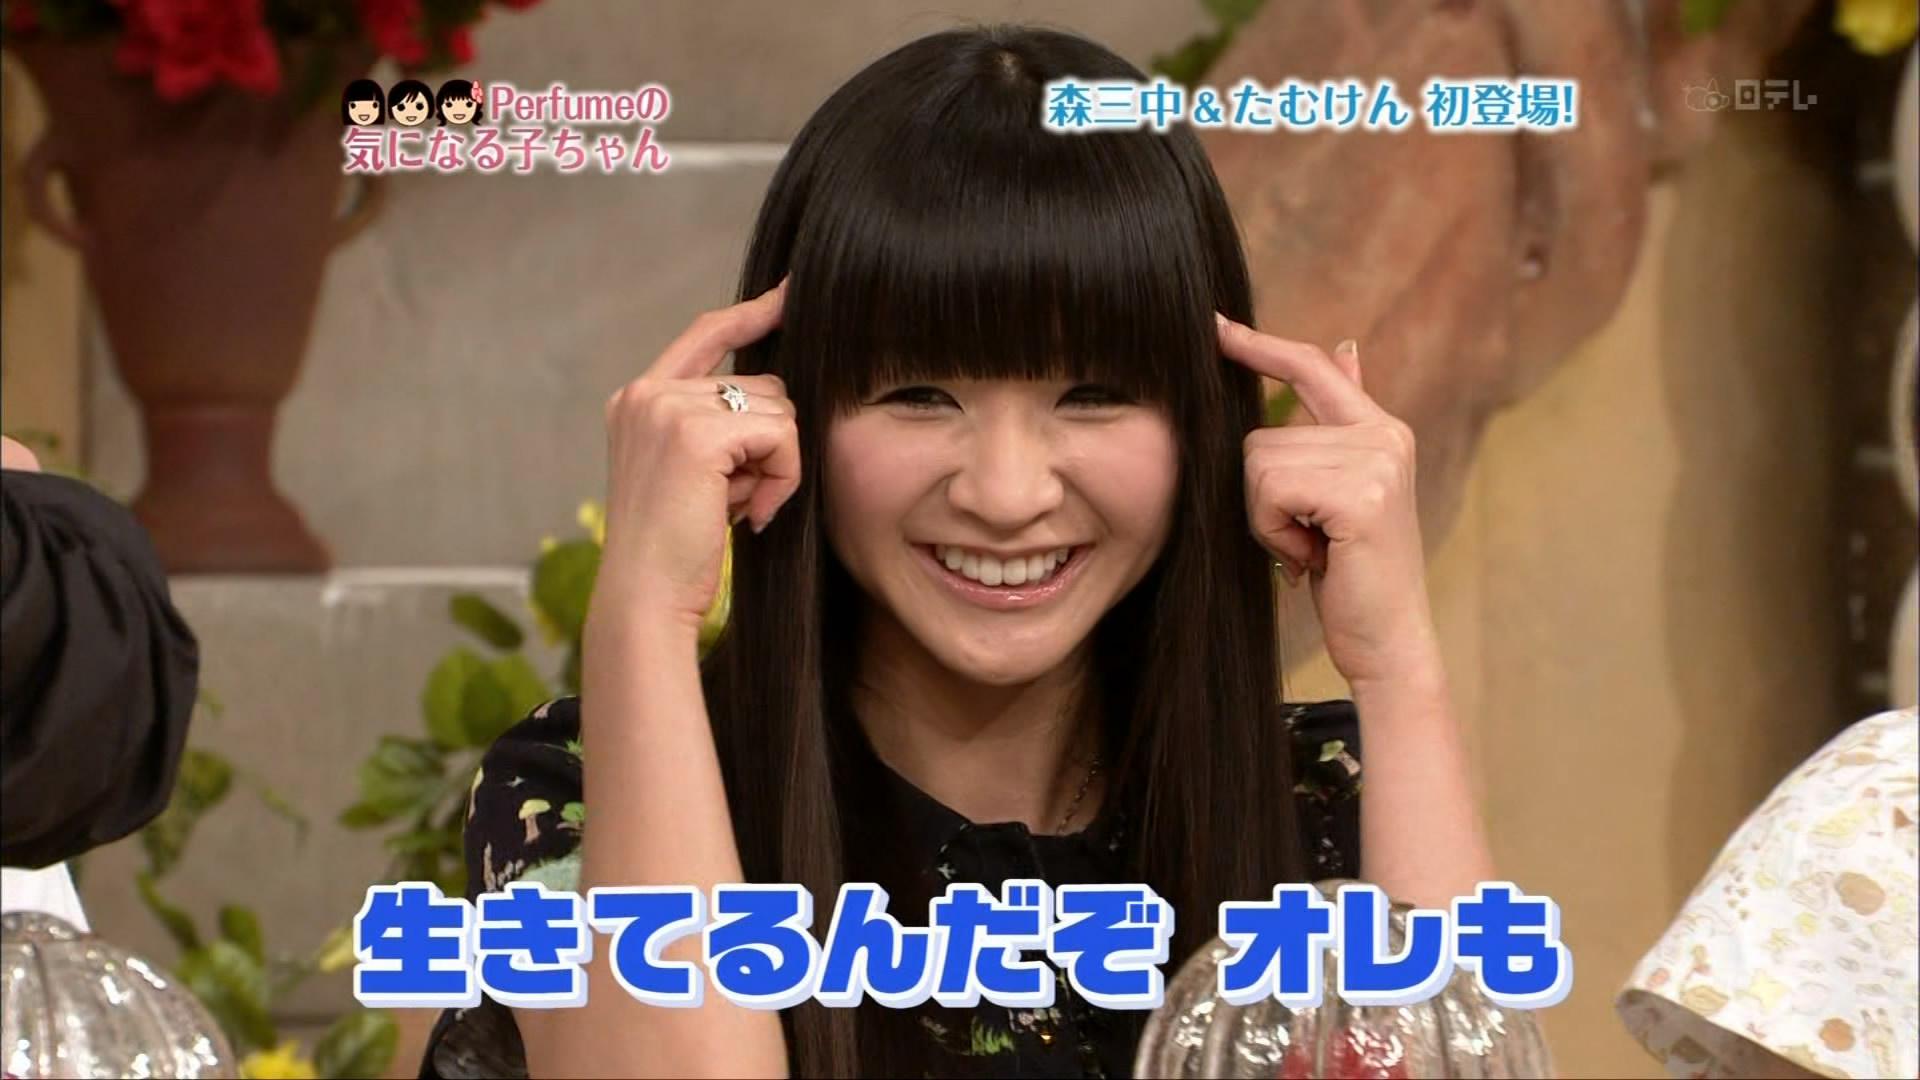 テレビ かしゆか Perfume パフューム の画像ブログ